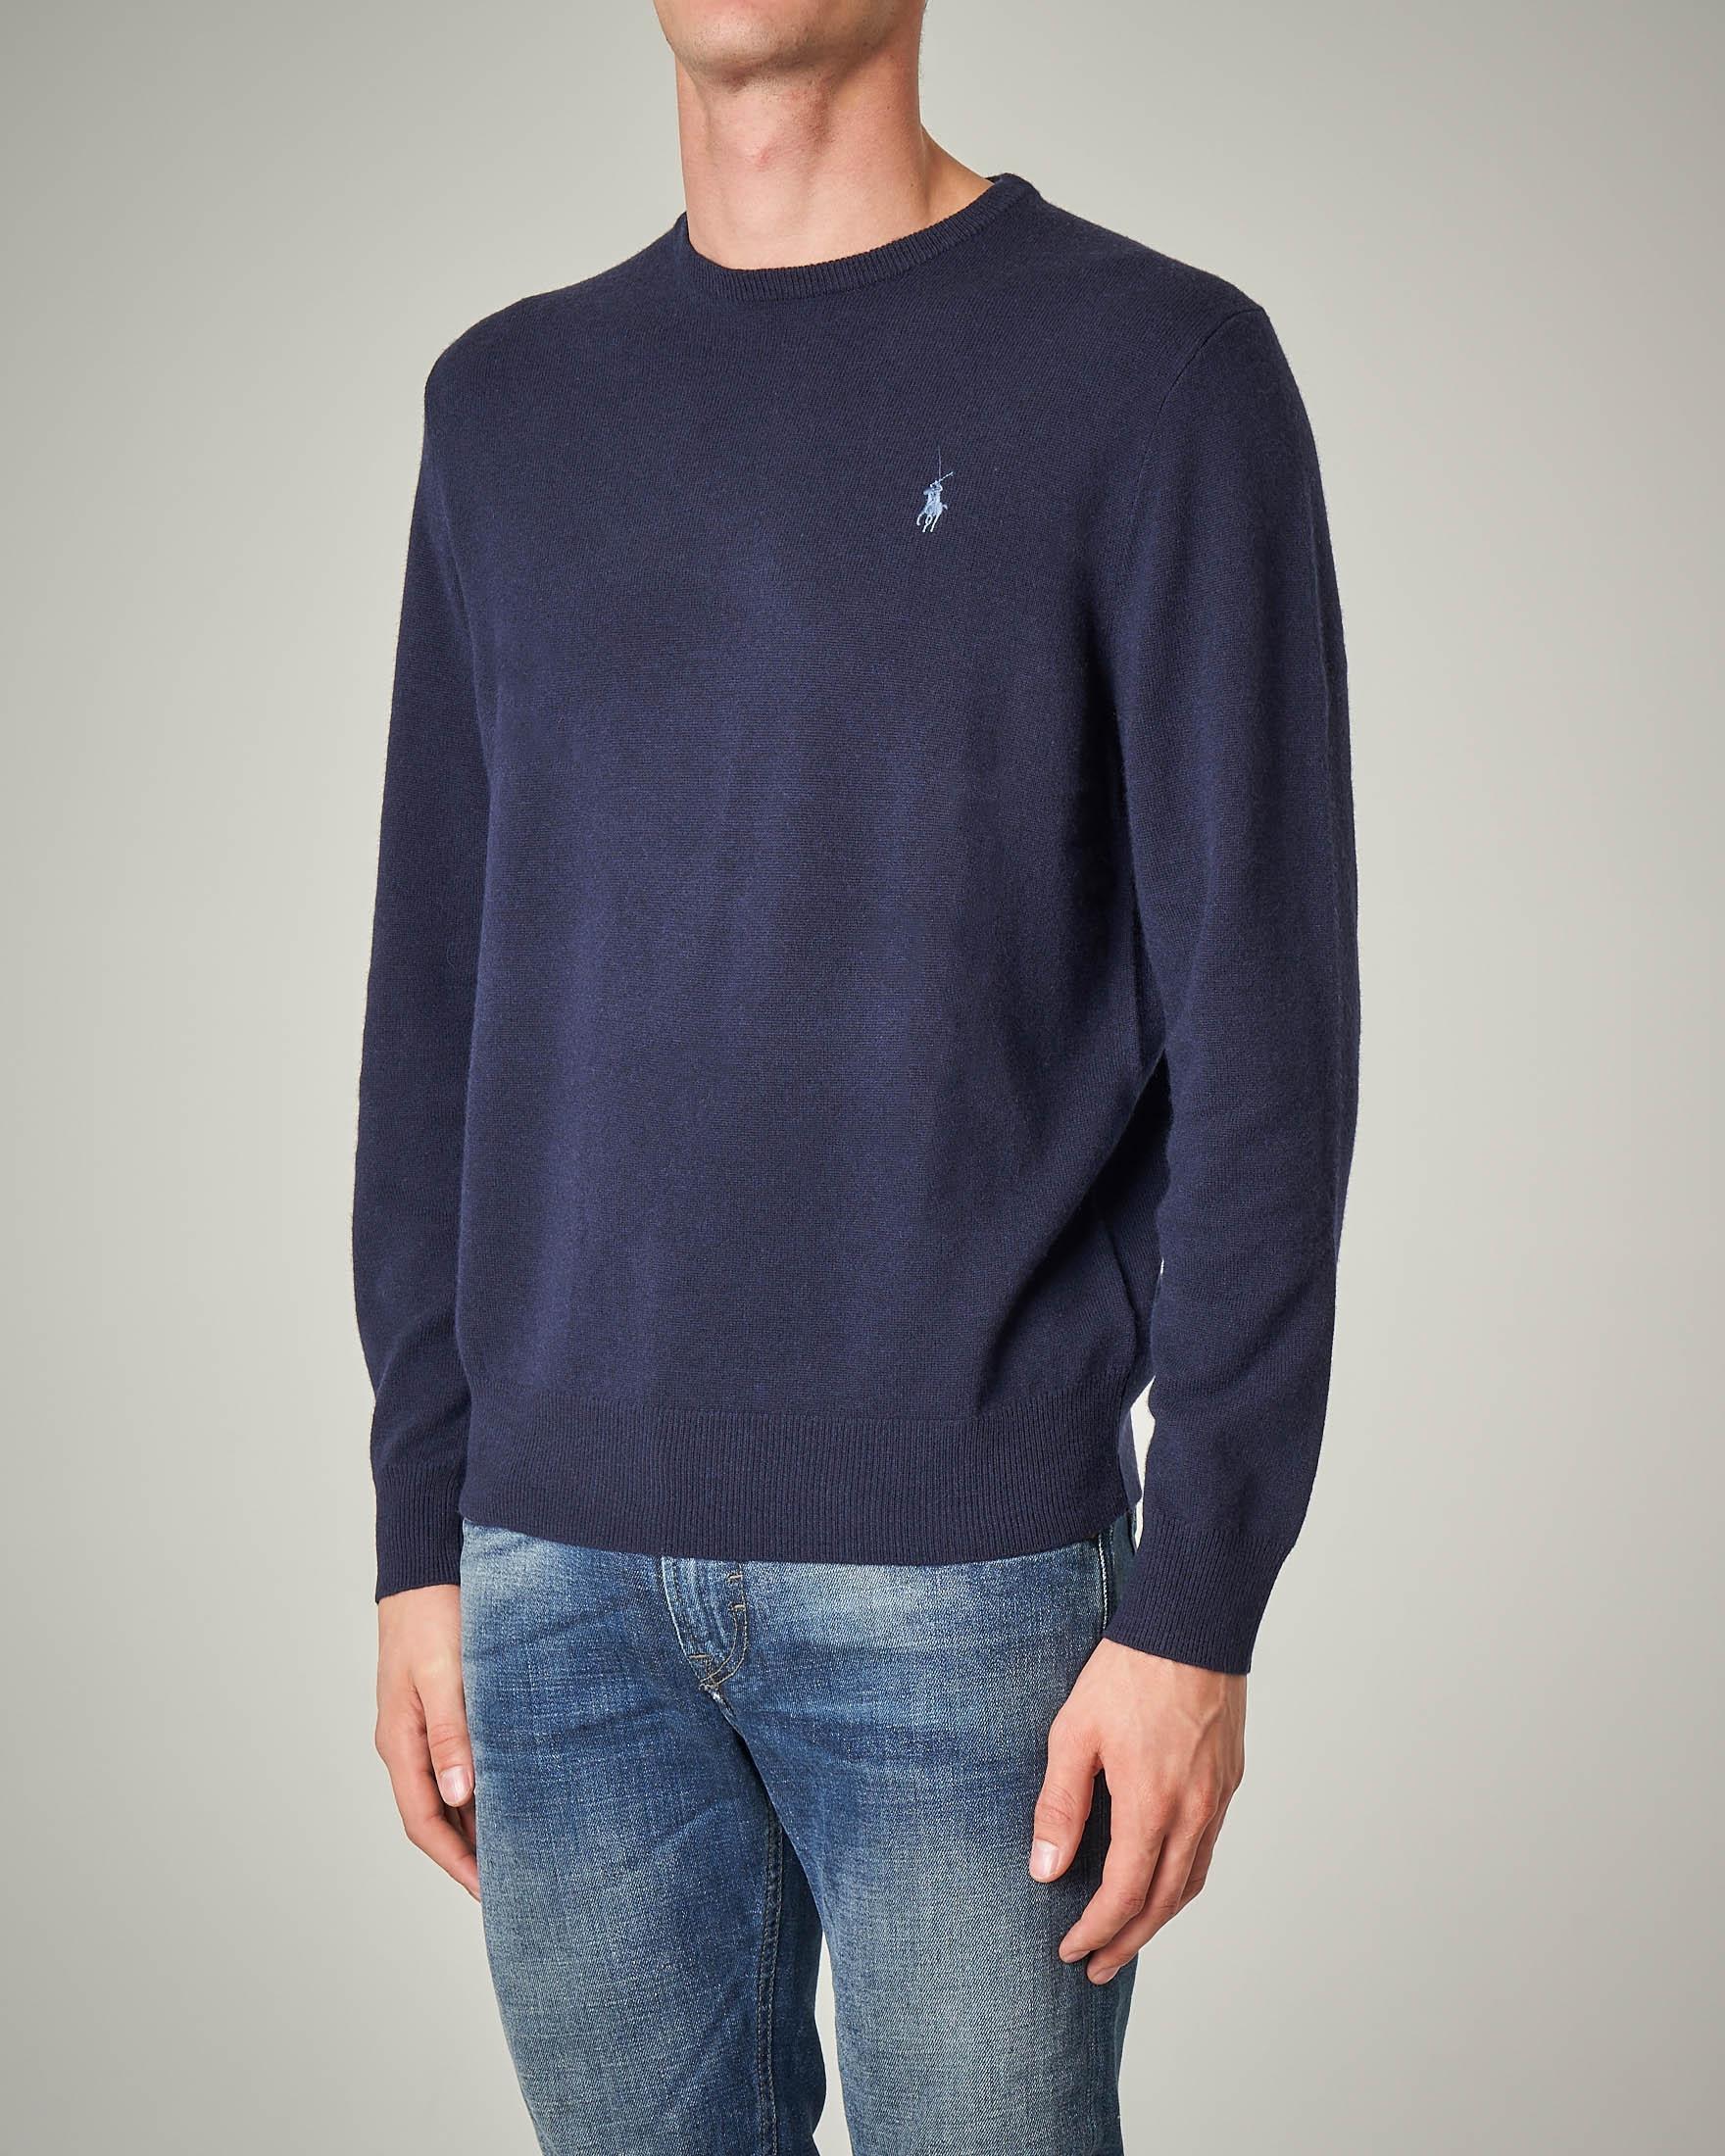 Maglia blu melange girocollo in lana merino